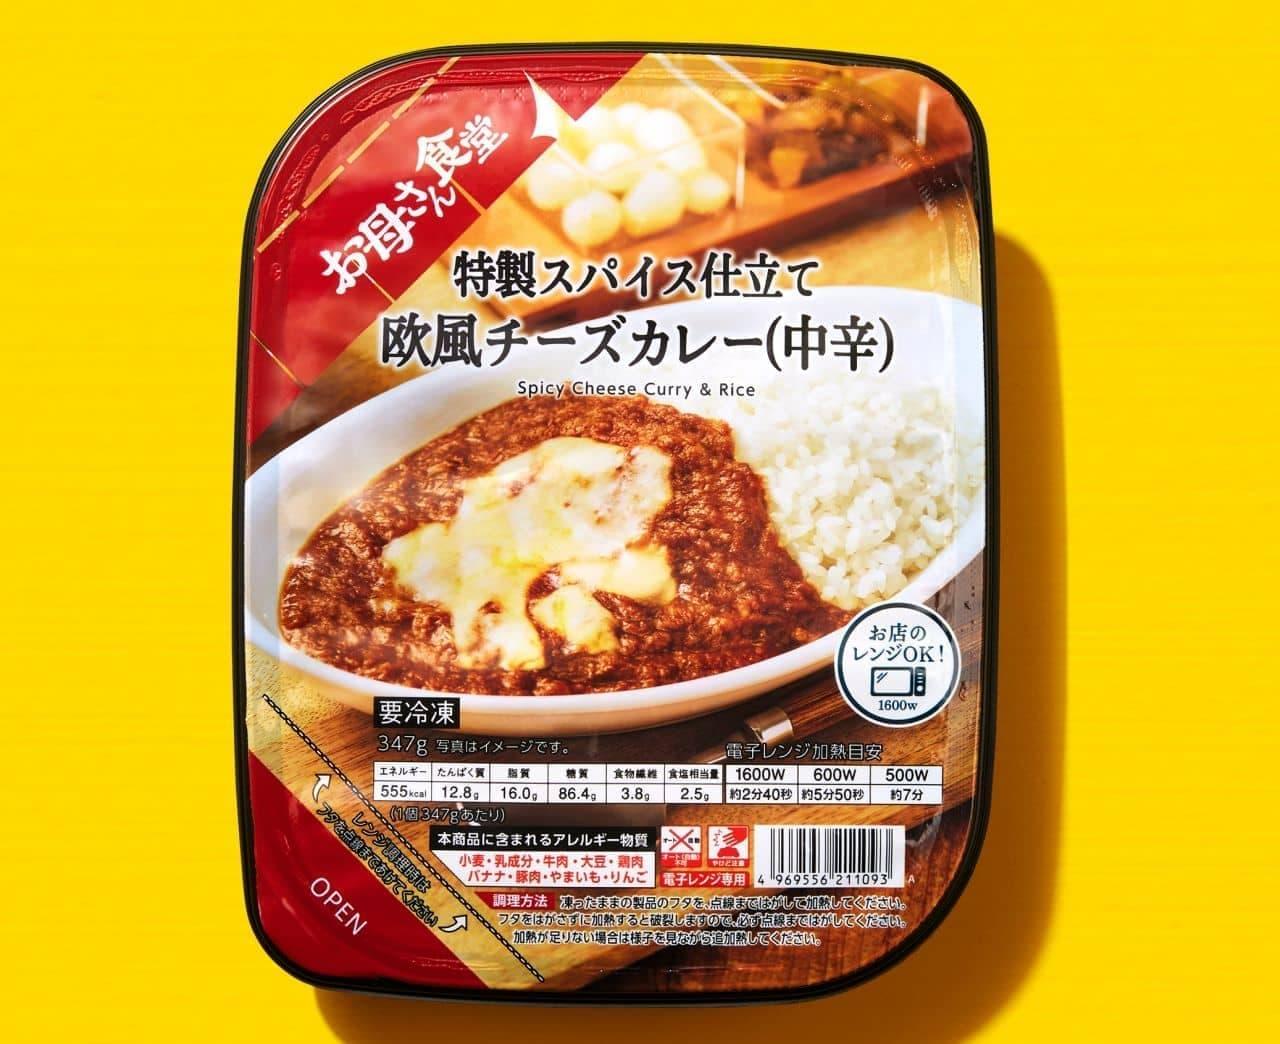 ファミリーマート「特製スパイス仕立て 欧風チーズカレー(中辛)」